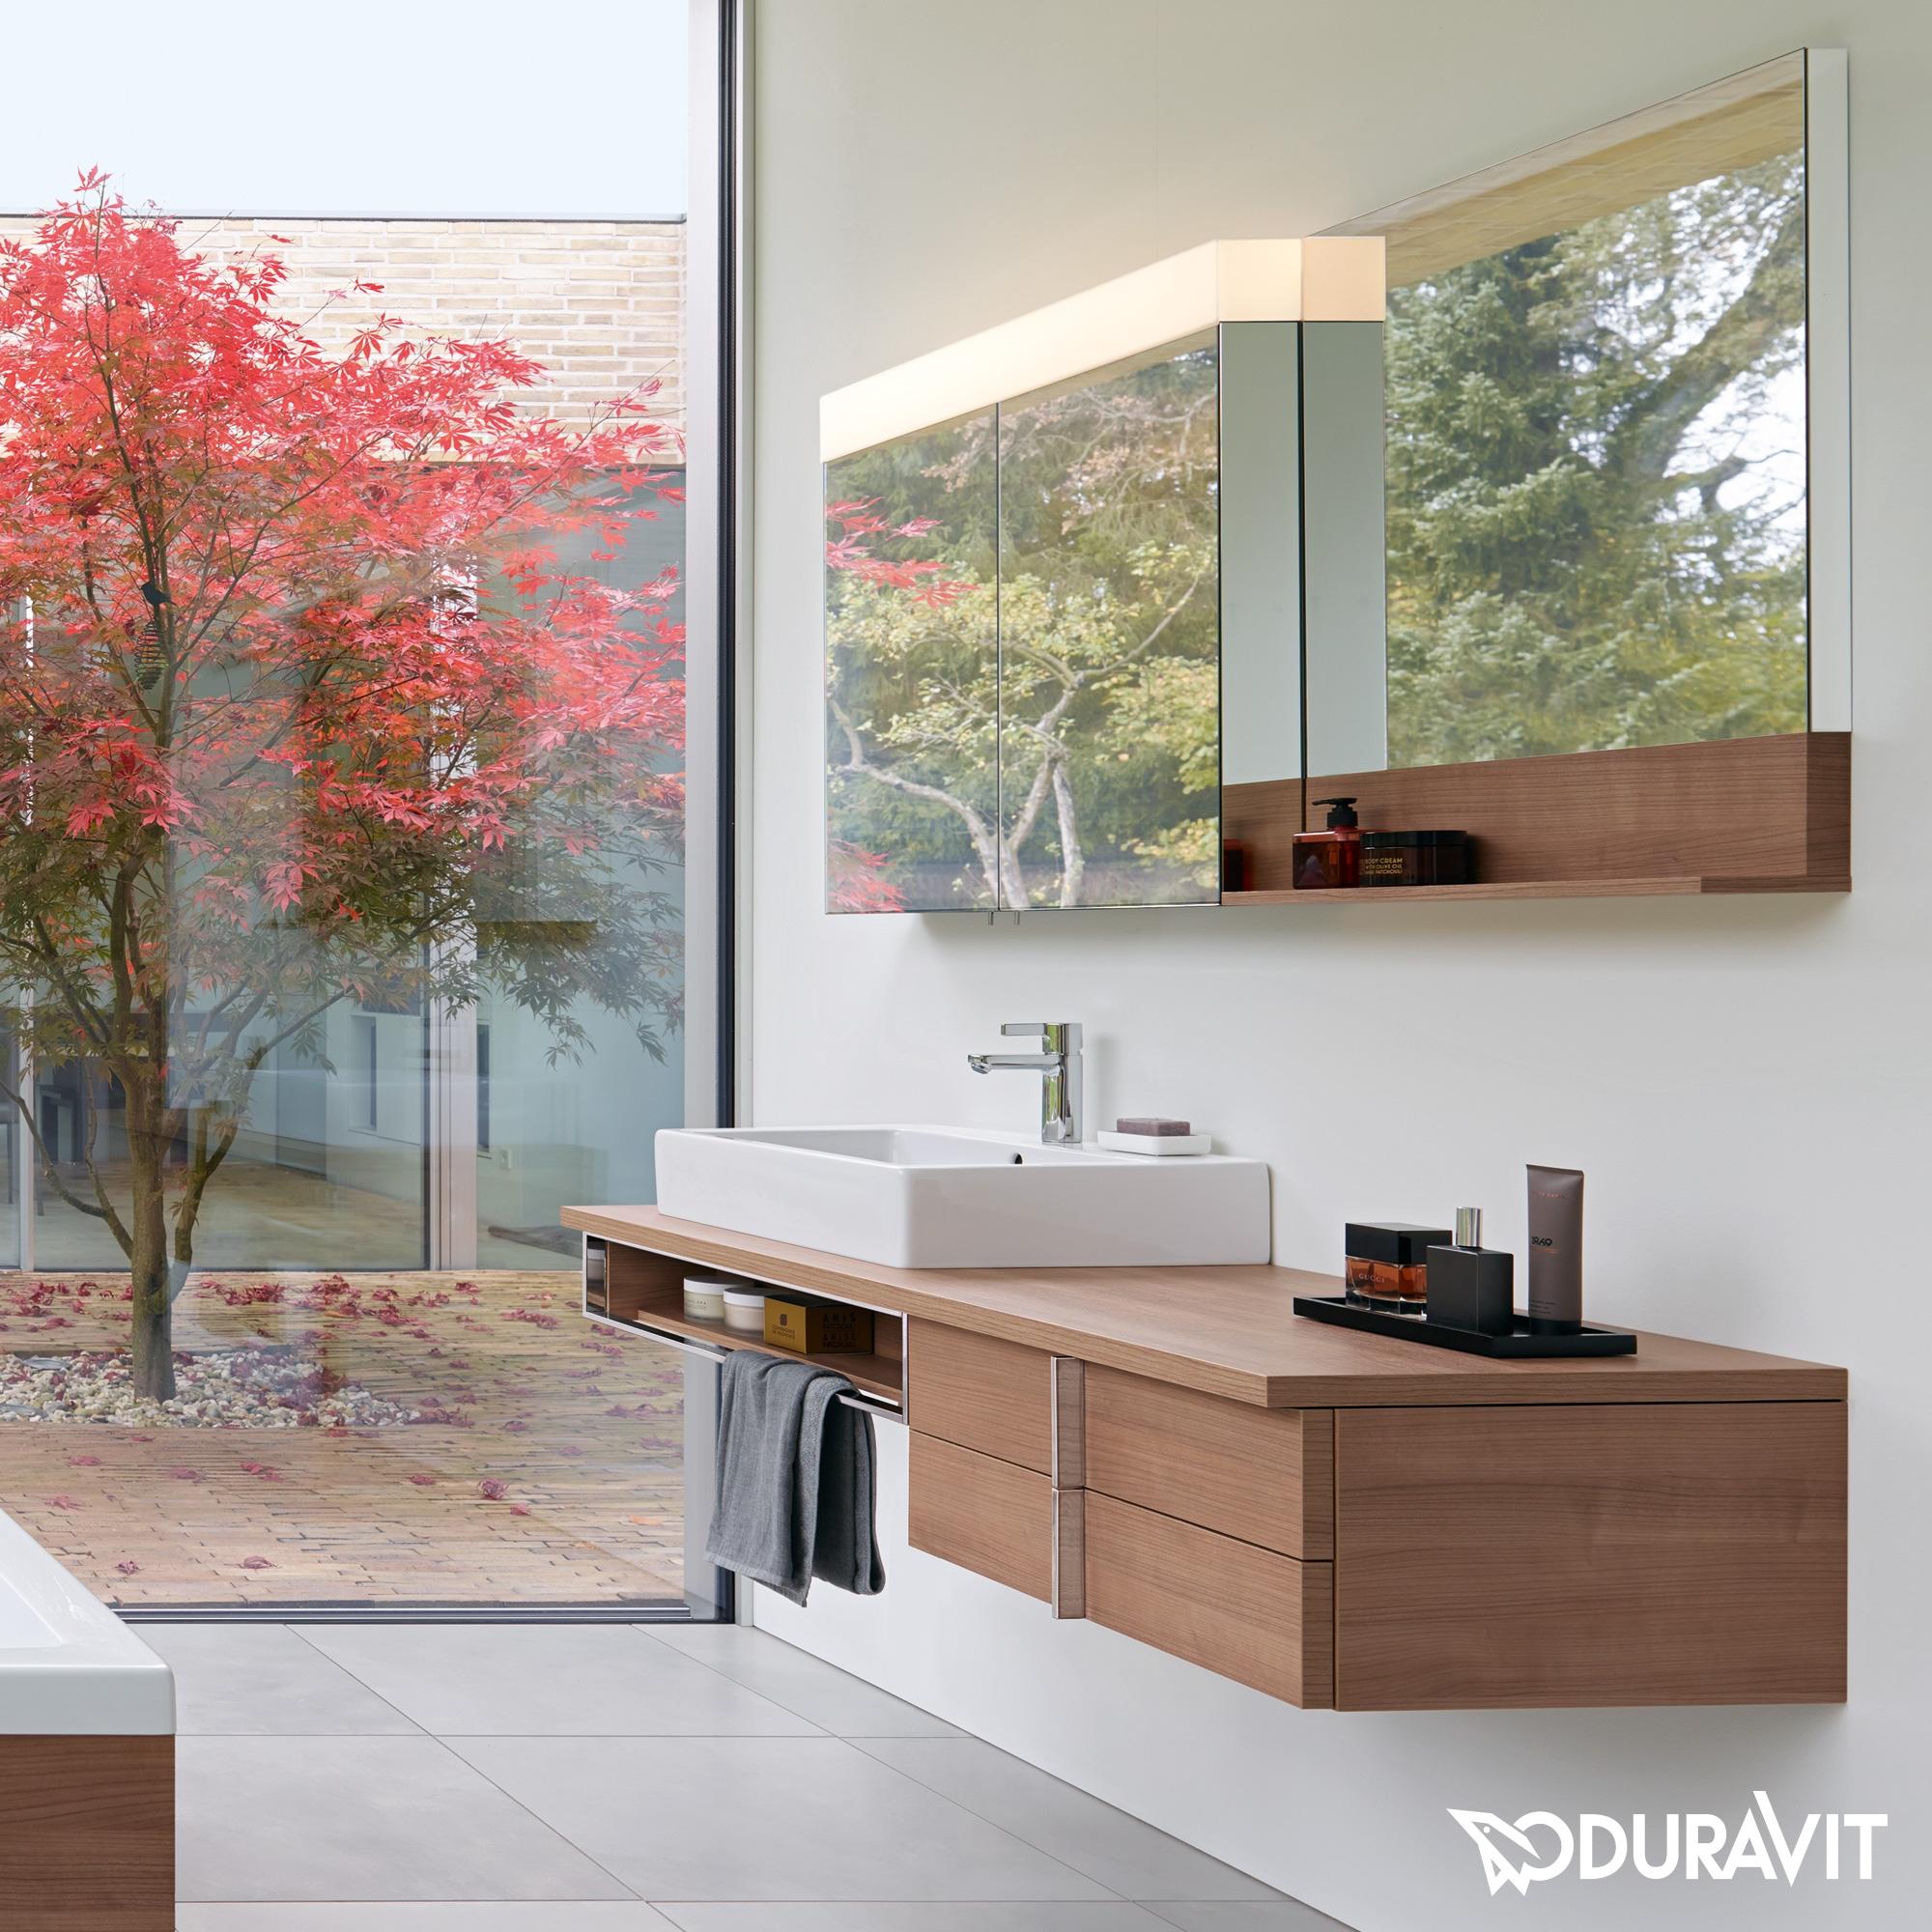 Ideas, duravit vero double faucet sink duravit vero double faucet sink duravit ve750400000 vero 47 14 x 31 12 inch mirror cabinet 2000 x 2000  .